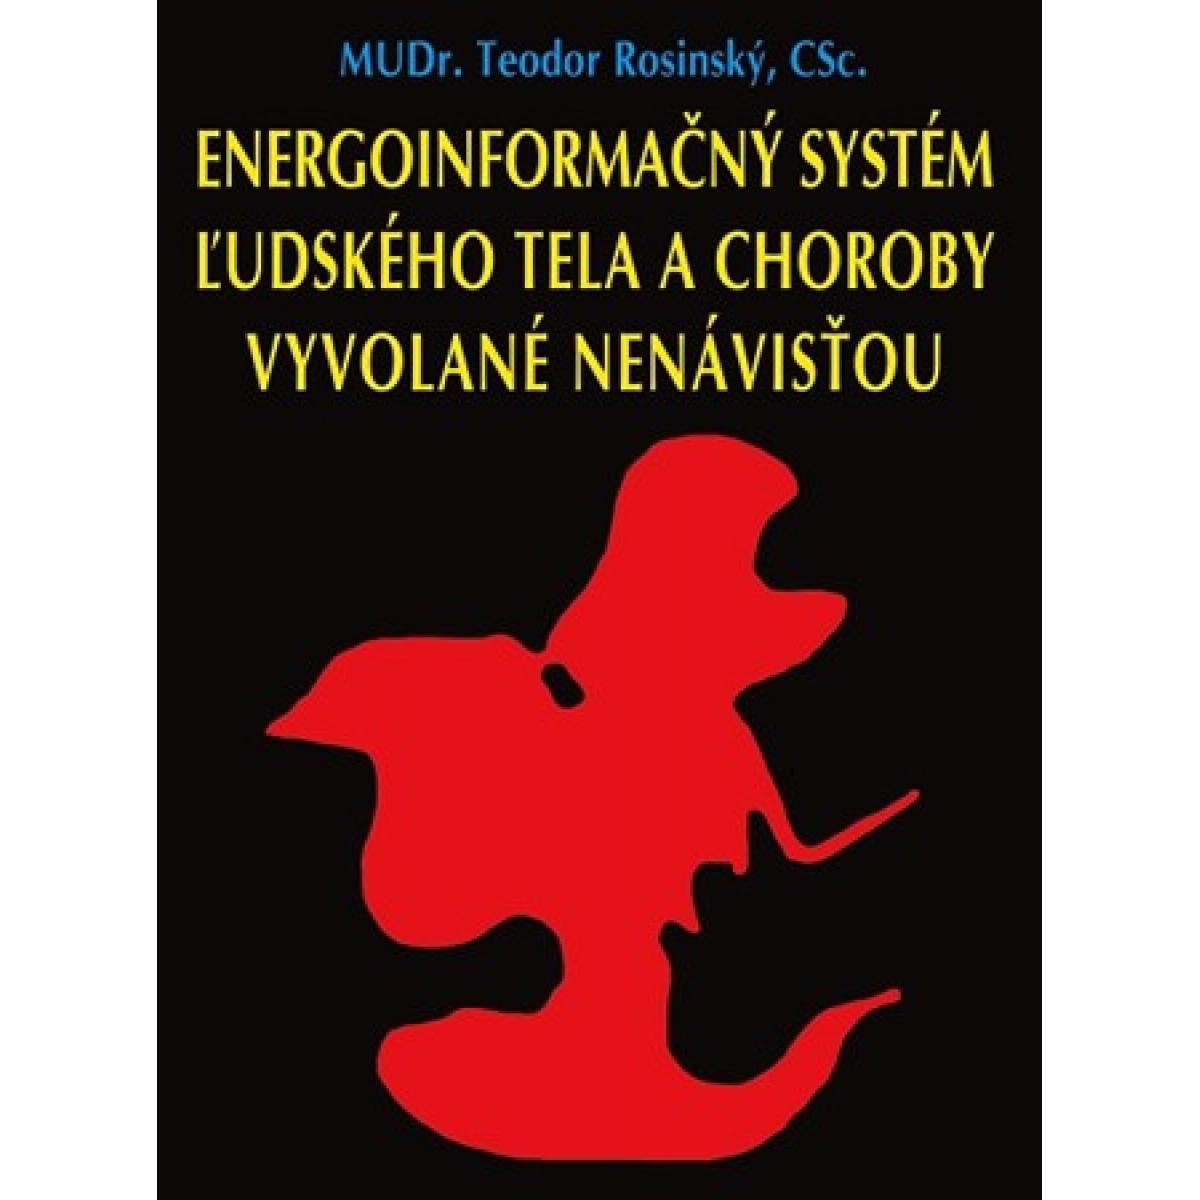 Energoinformačný systém ľudského tela a choroby vyvolané nenávisťou - Rosinský Teodor, MUDr., CSc.